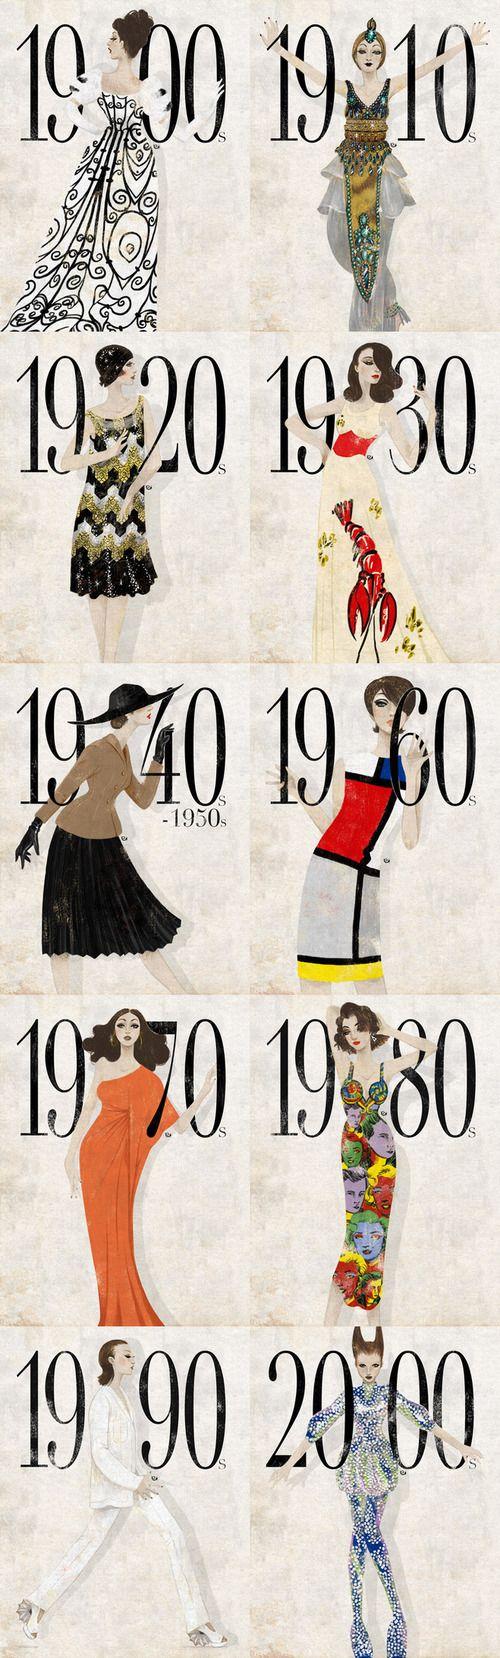 No es la primera vez que pongo una imagen de la evolución de la moda, pero soy de las que piensan que una imagen vale más que mil palabras, así que, ahí os va. L.X.